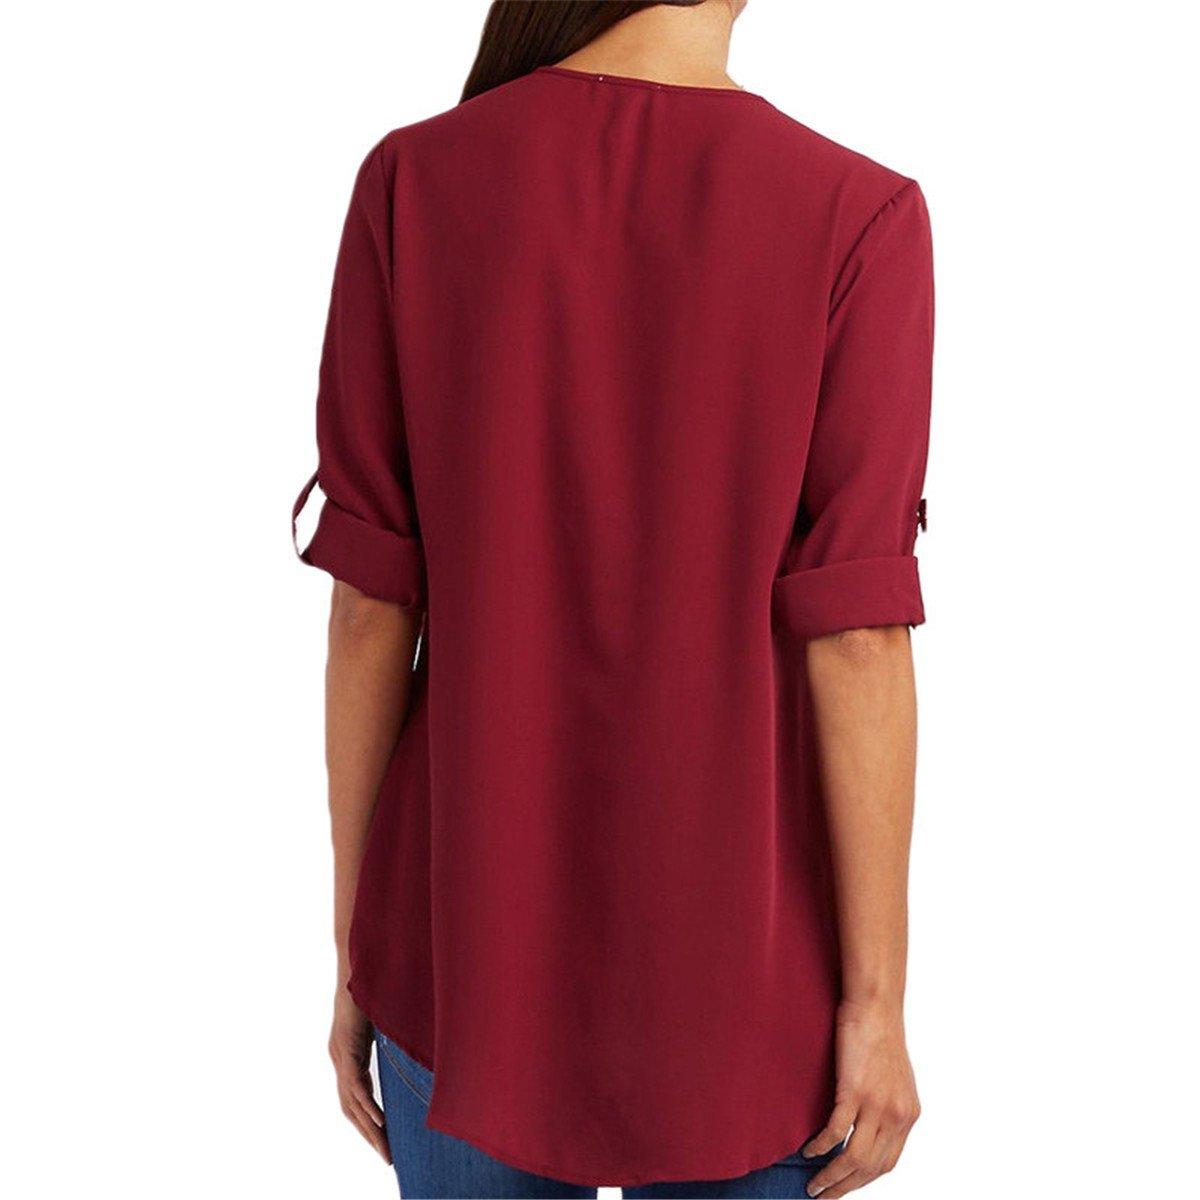 Mujer Blusas y Camisas Las Mujeres Gasa Blusa V Cuello Cremallera de Gran Tamaño Mangas largas Camisa Suelta Blusa Vestidos Más el Tamaño: Amazon.es: Ropa y ...